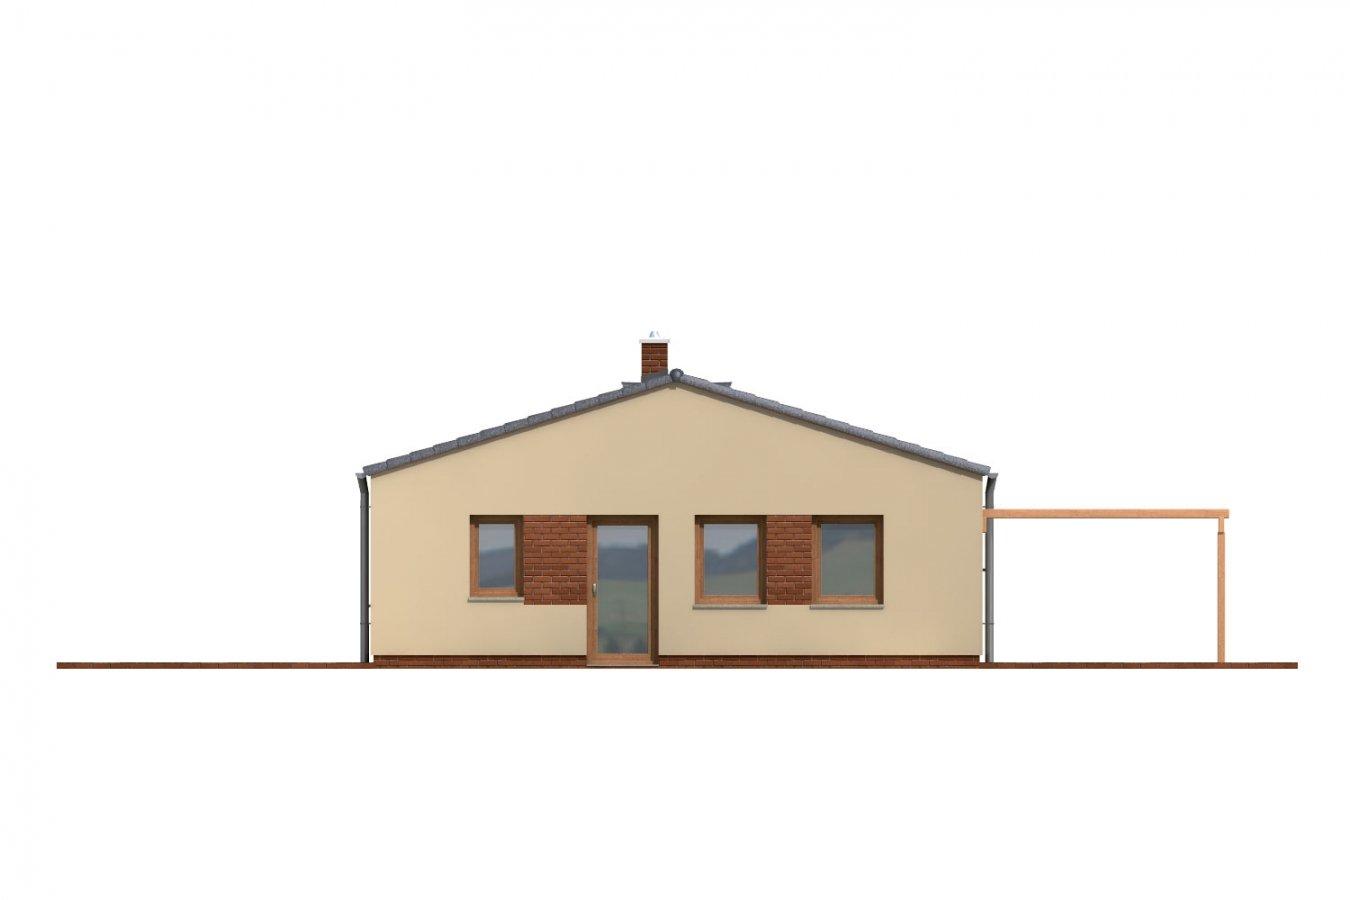 Pohľad 4. - Jednoduchý úzky 4-izbový rodinný dom.